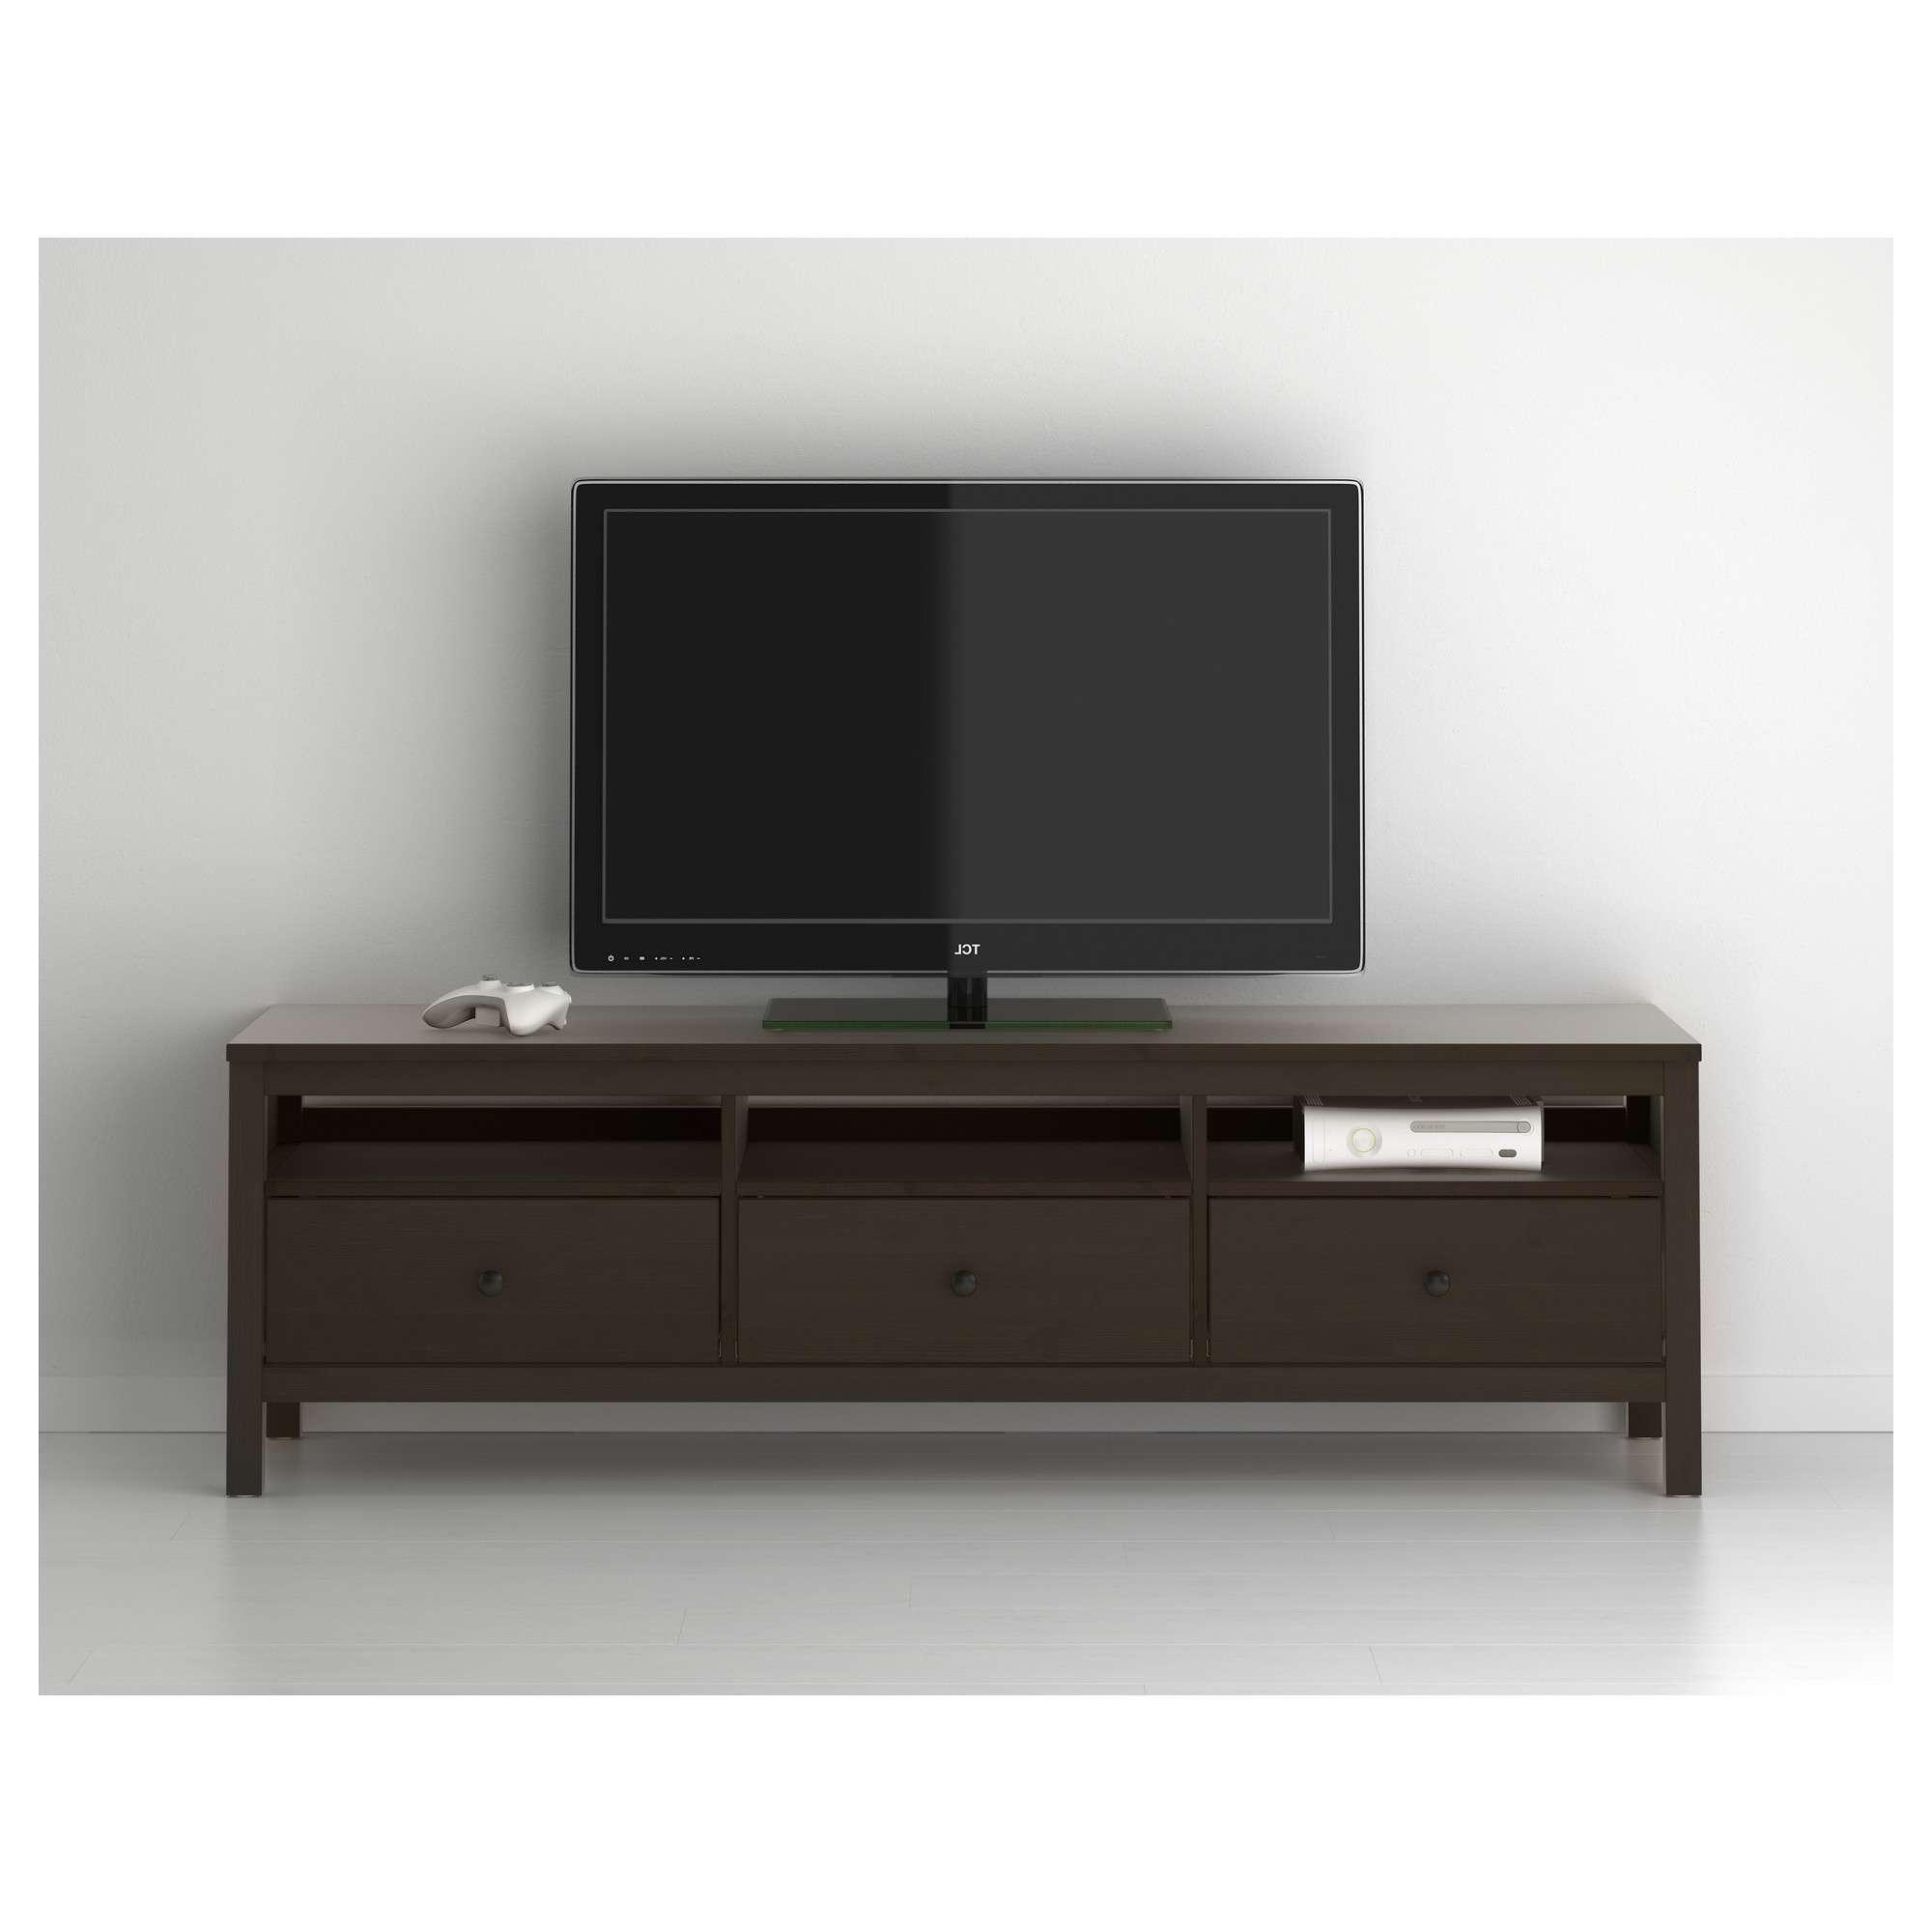 Tv Stands Ik ~ Theshaggsonline Regarding Bench Tv Stands (View 15 of 15)